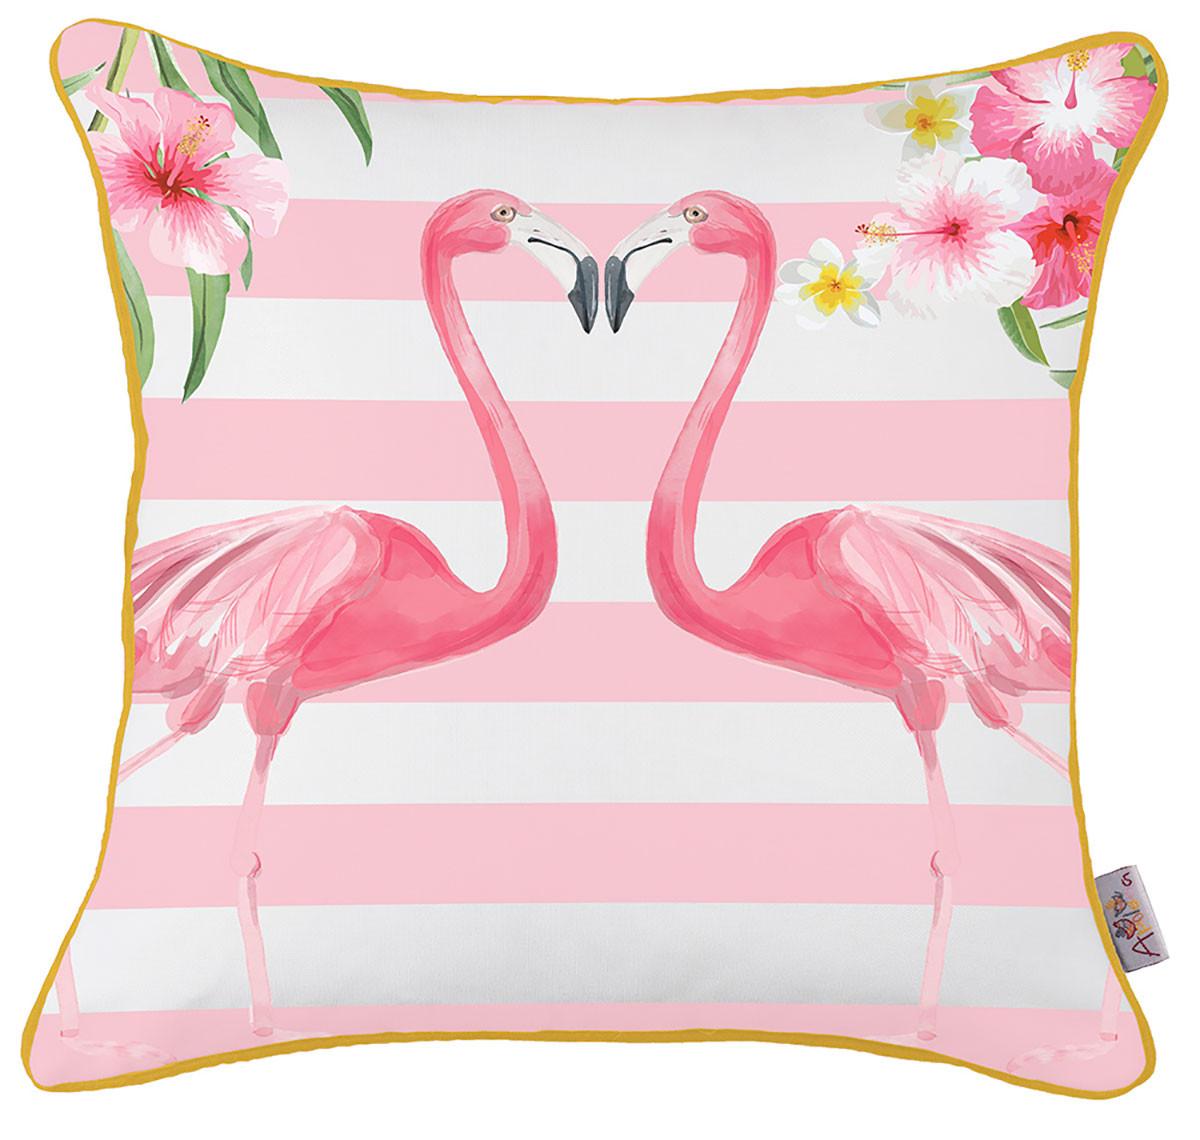 Διακοσμητική Μαξιλαροθήκη Apolena Flamingo Rose 702-5892/1